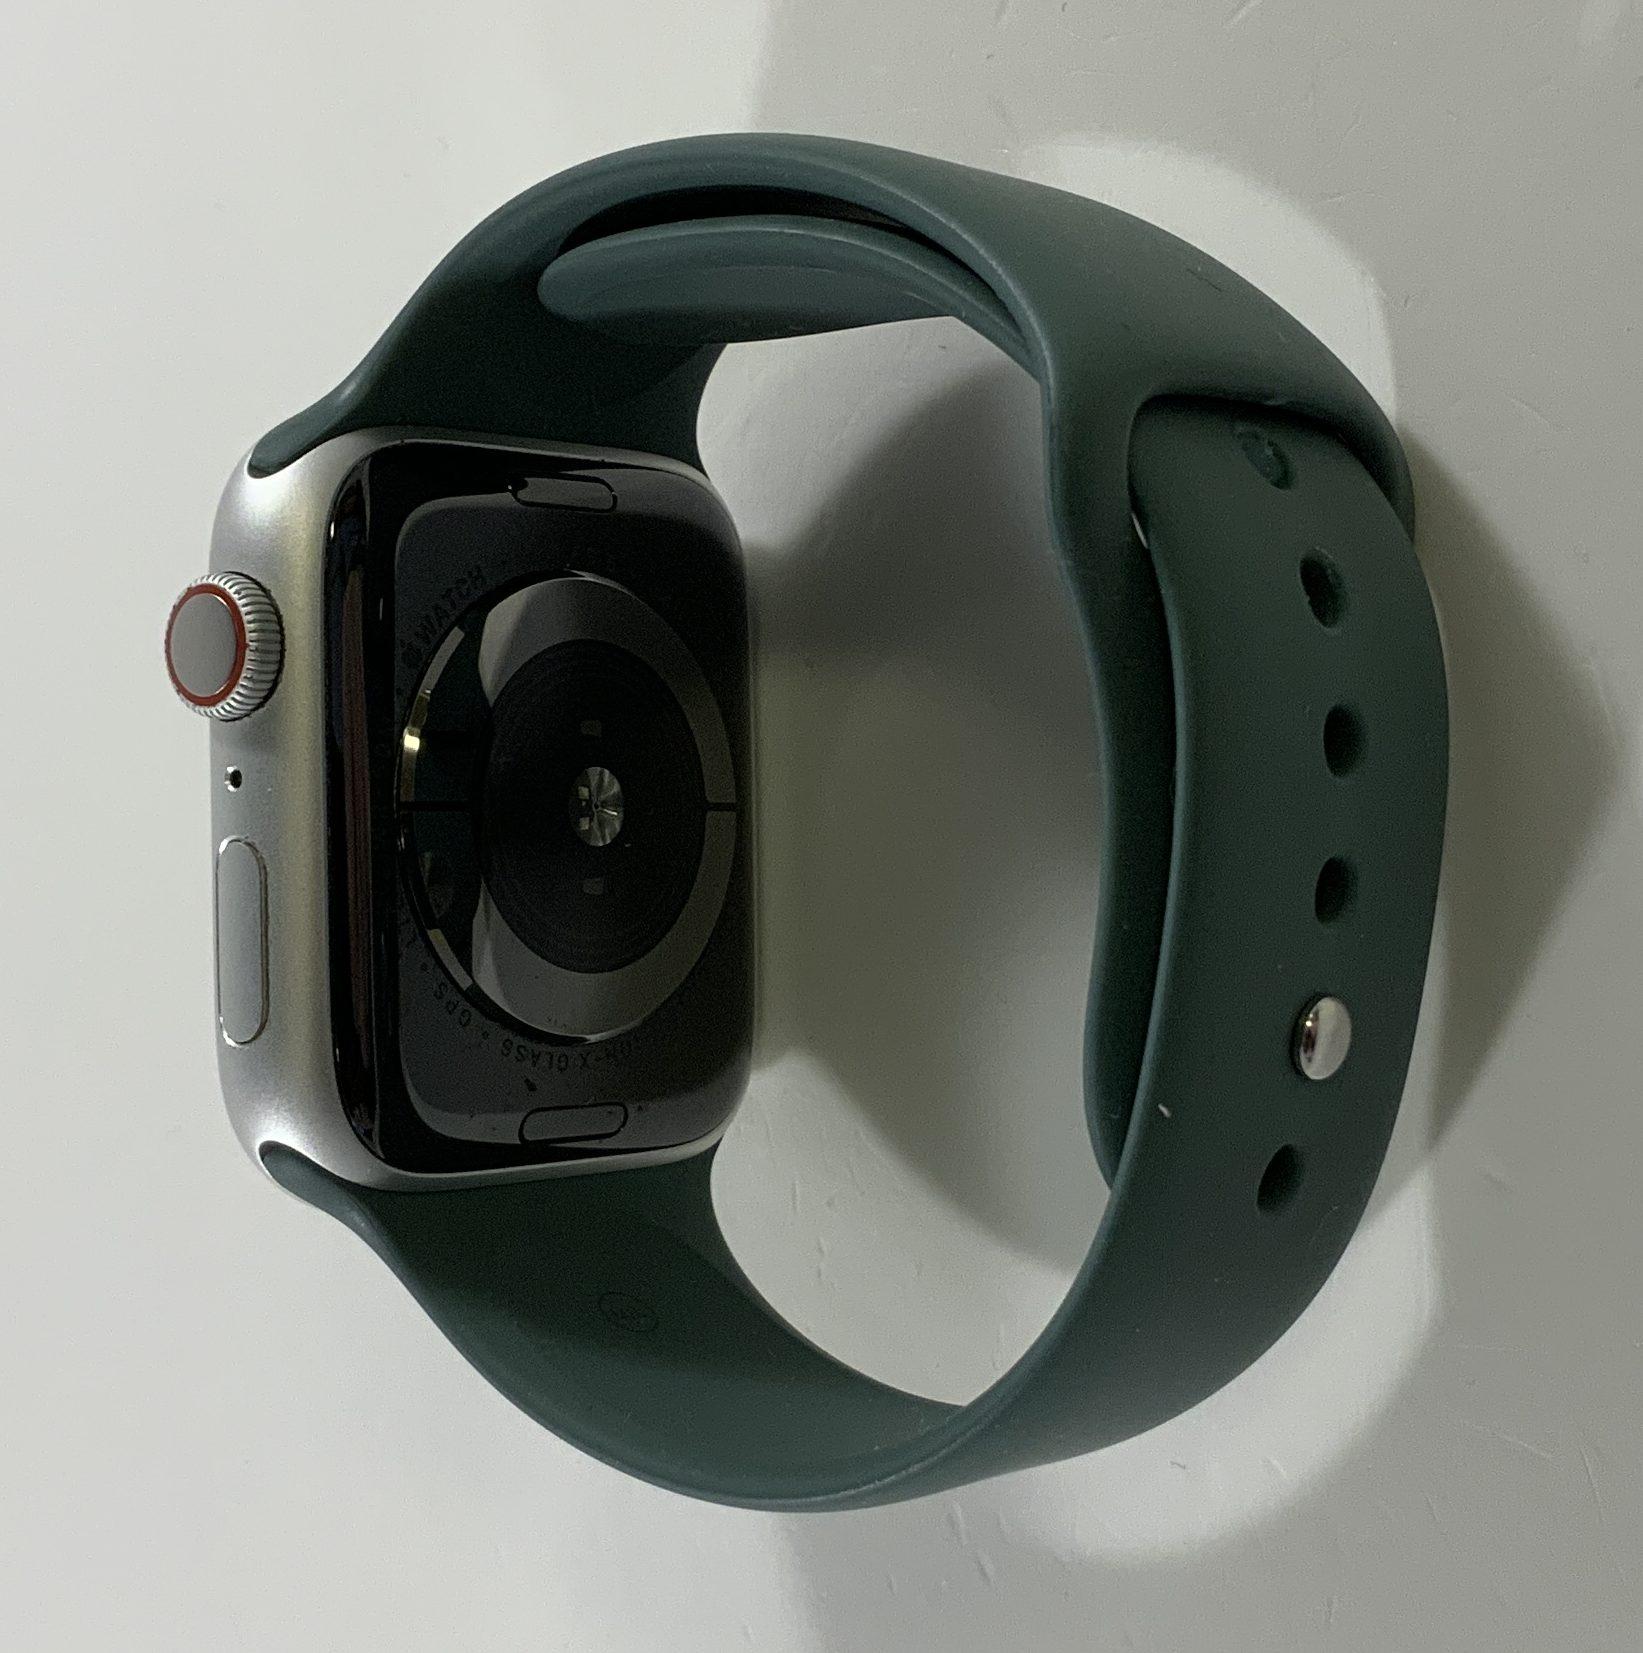 Watch Series 5 Aluminum Cellular (44mm), Silver, imagen 2